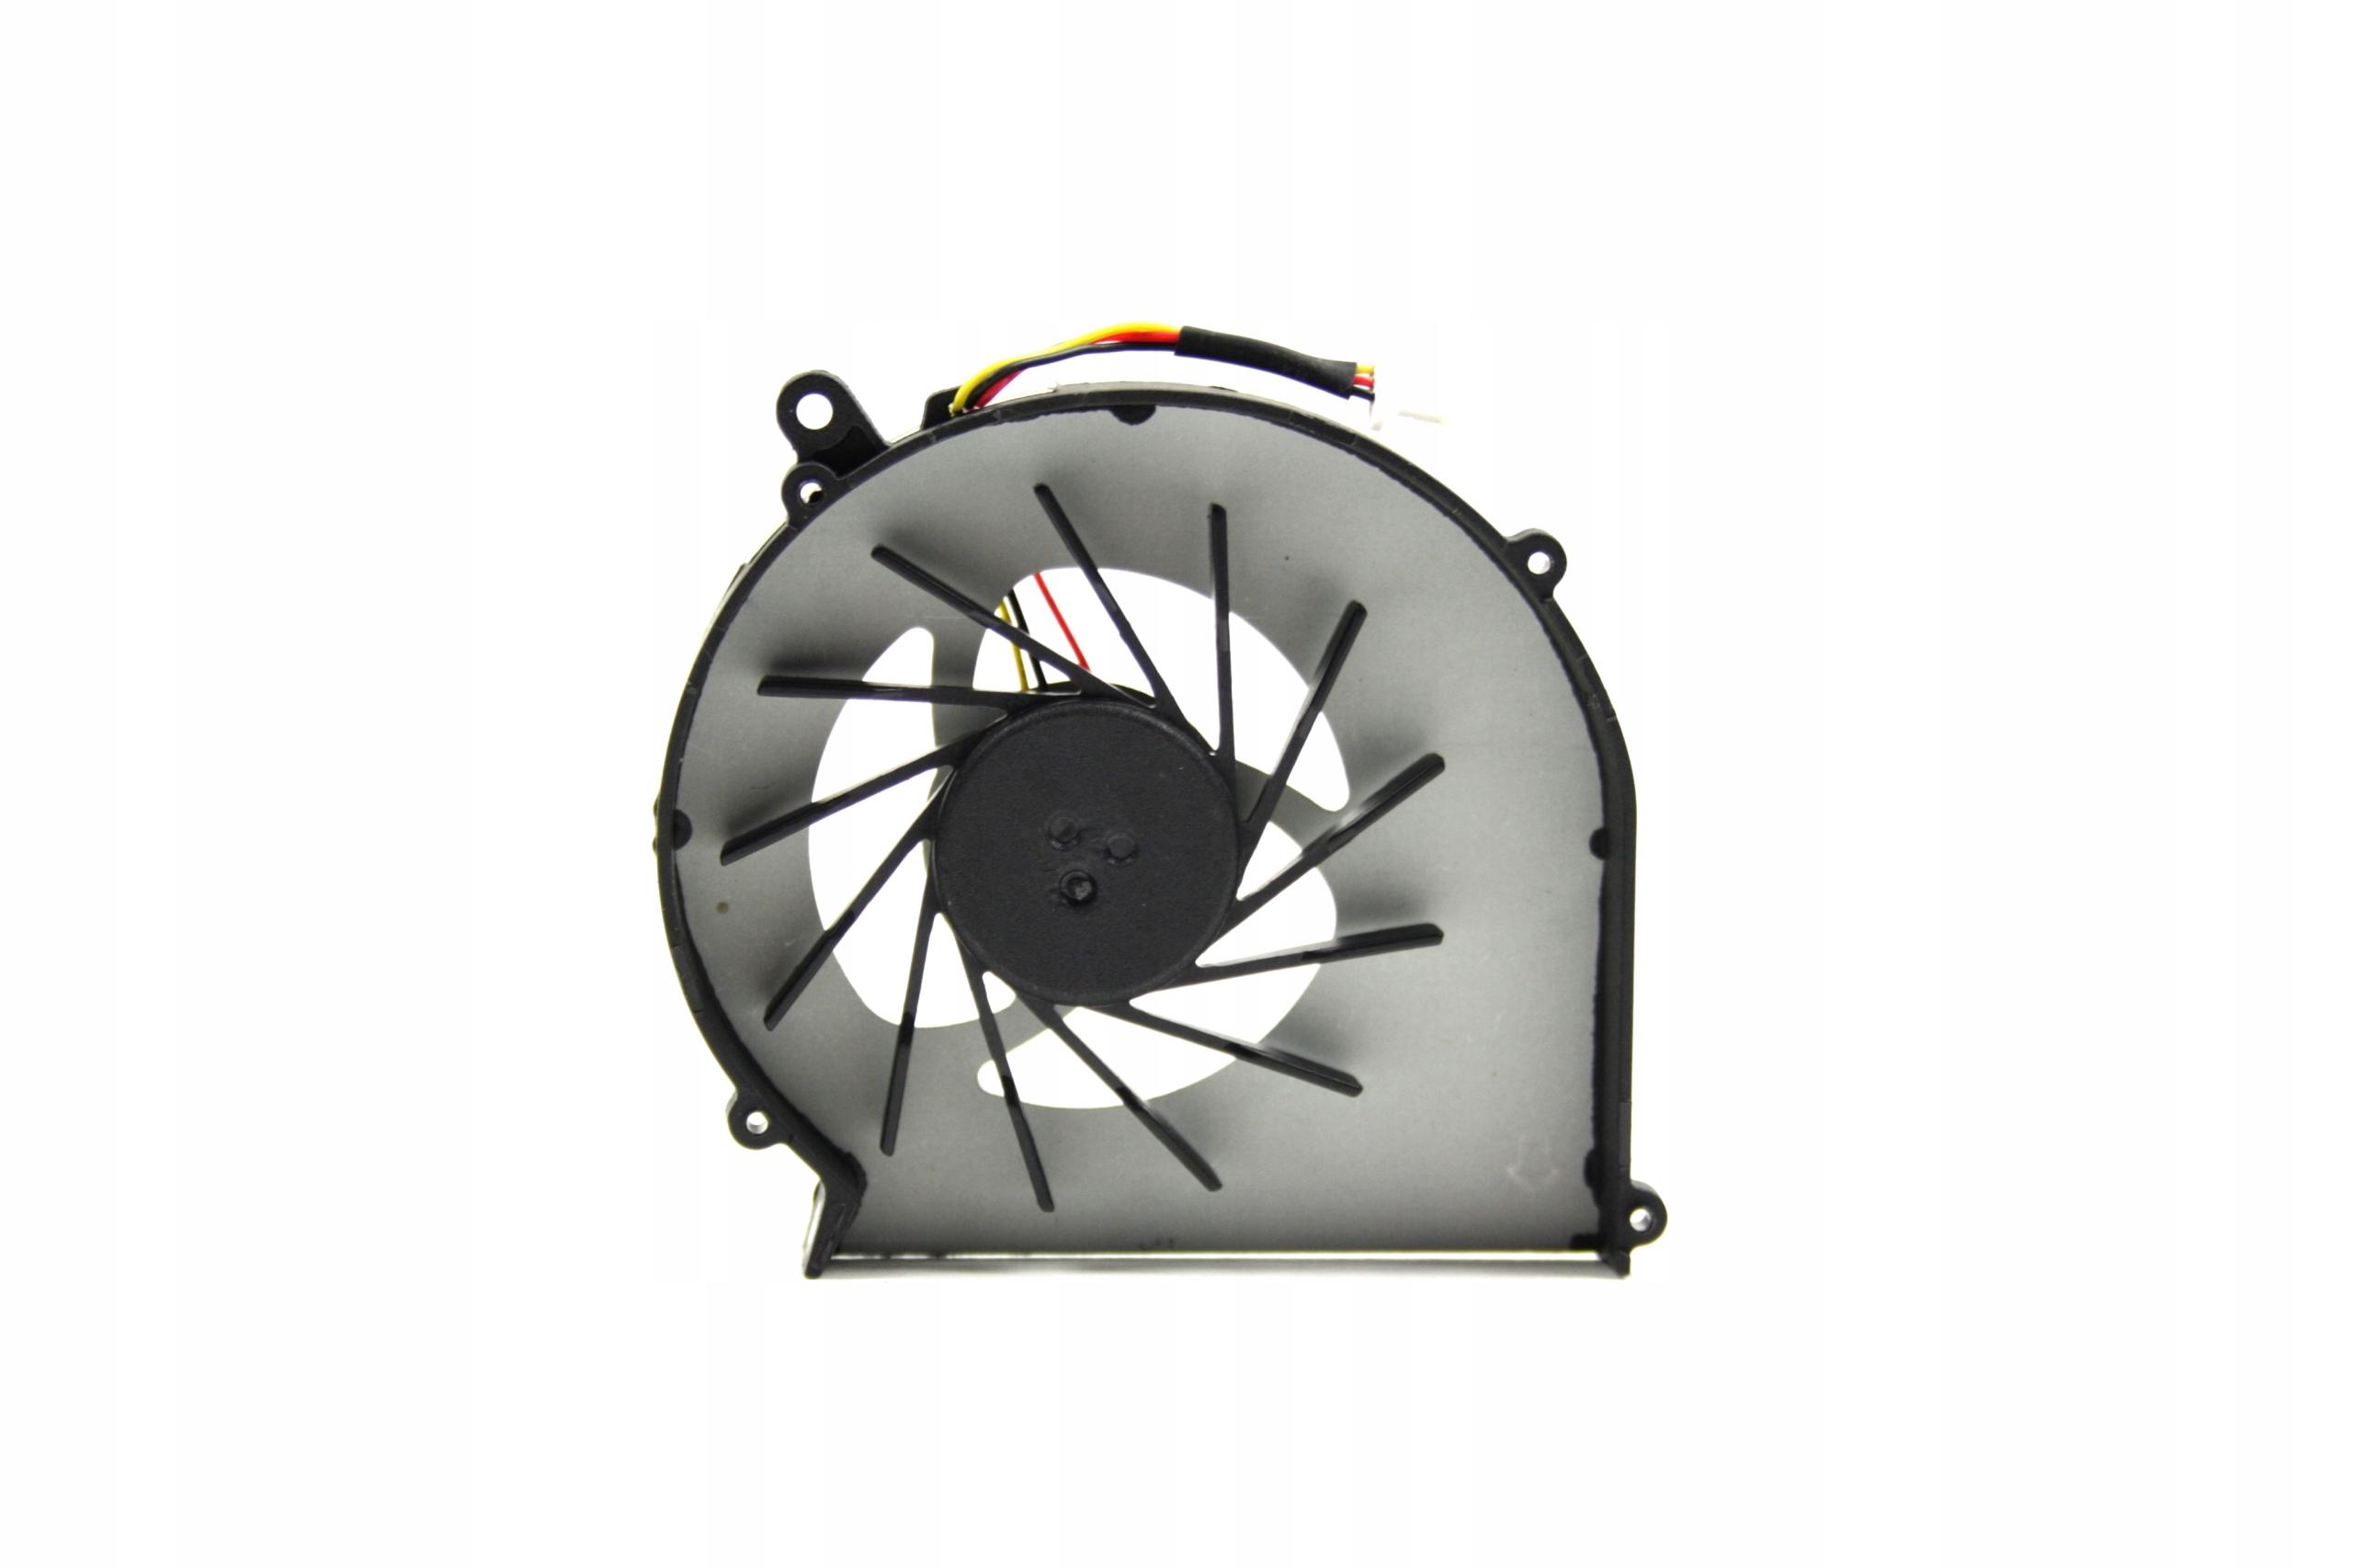 WENTYLATOR CHŁODZENIE WIATRAK HP CQ43 CQ57 430 431 435 630 631 - Wentylatory i radiatory